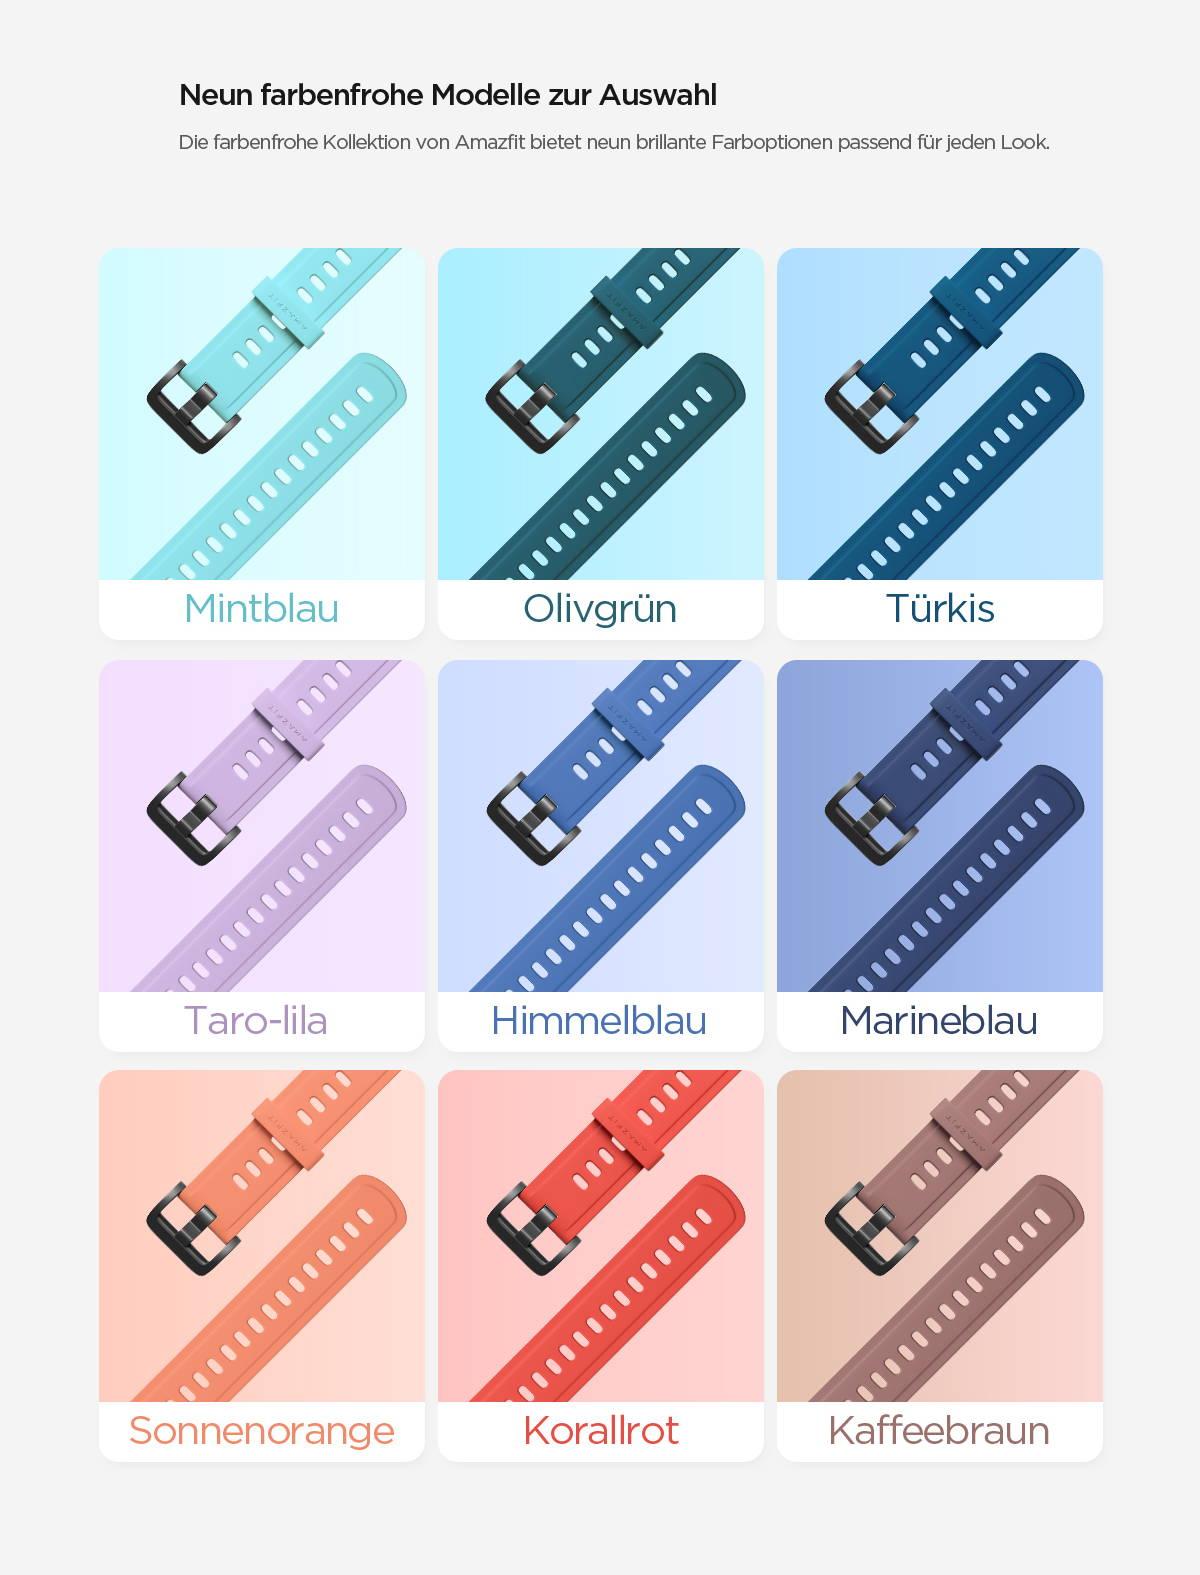 Amazfit Strap - Neun farbenfrohe Modelle zur Auswahl